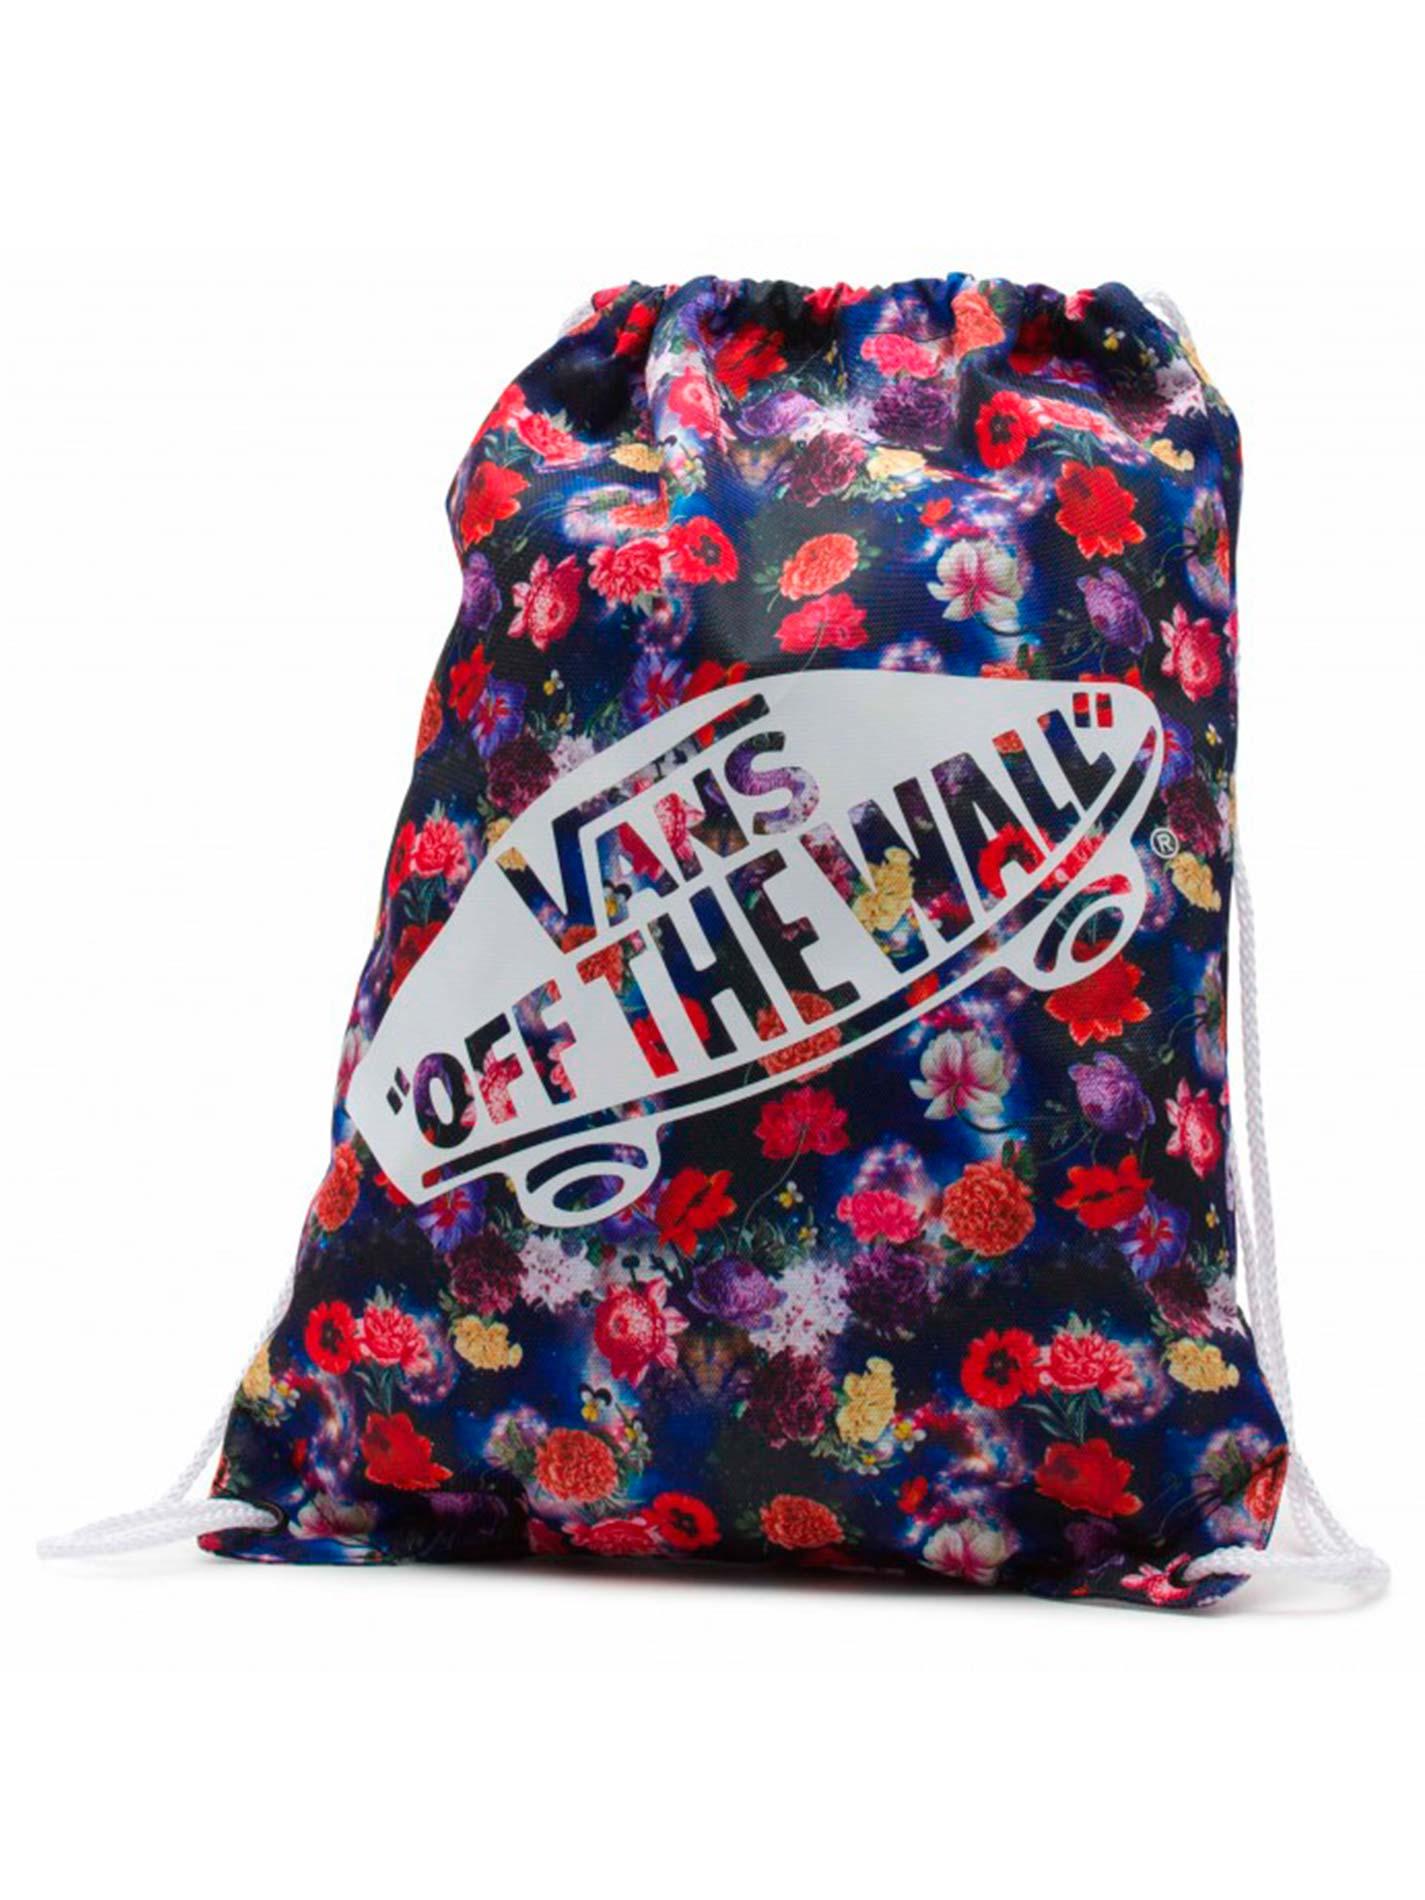 V1CYHLF Vans Benched Novelty Bag Galaxy Floral 3569c888ed5